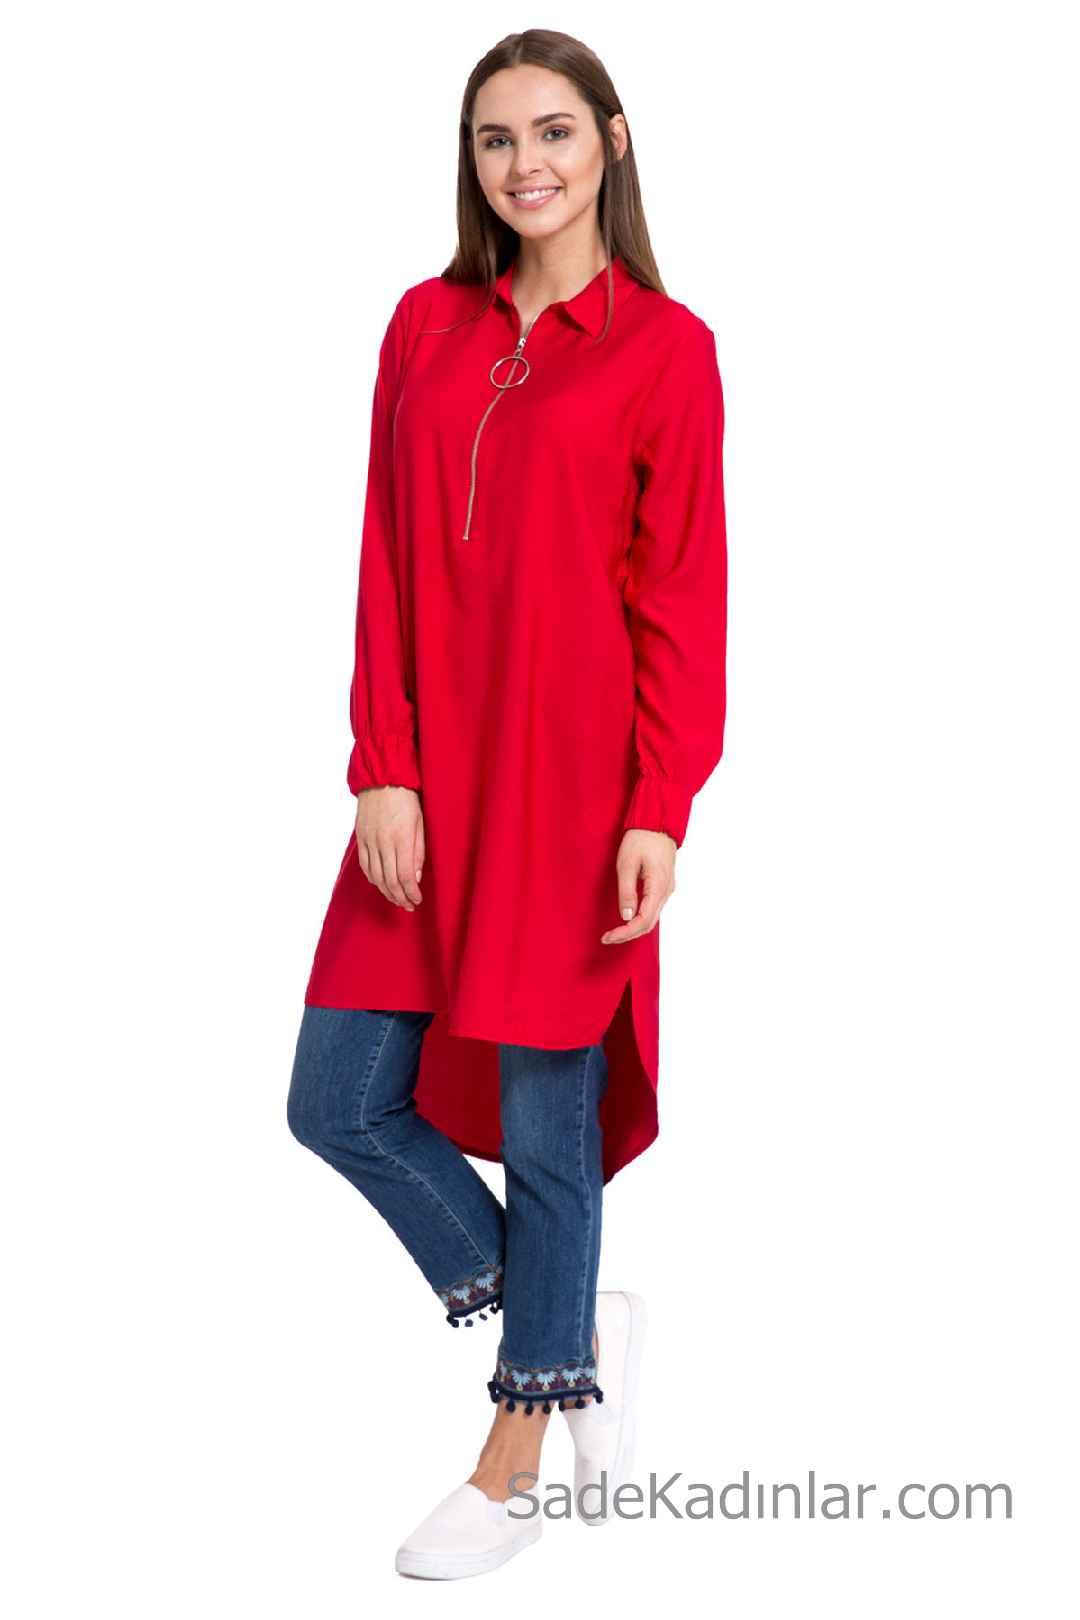 Tunik Gömlek Modelleri Kırmızı Uzun Kollu Önden Fermuarlı Ön Kısa Arka Uzun